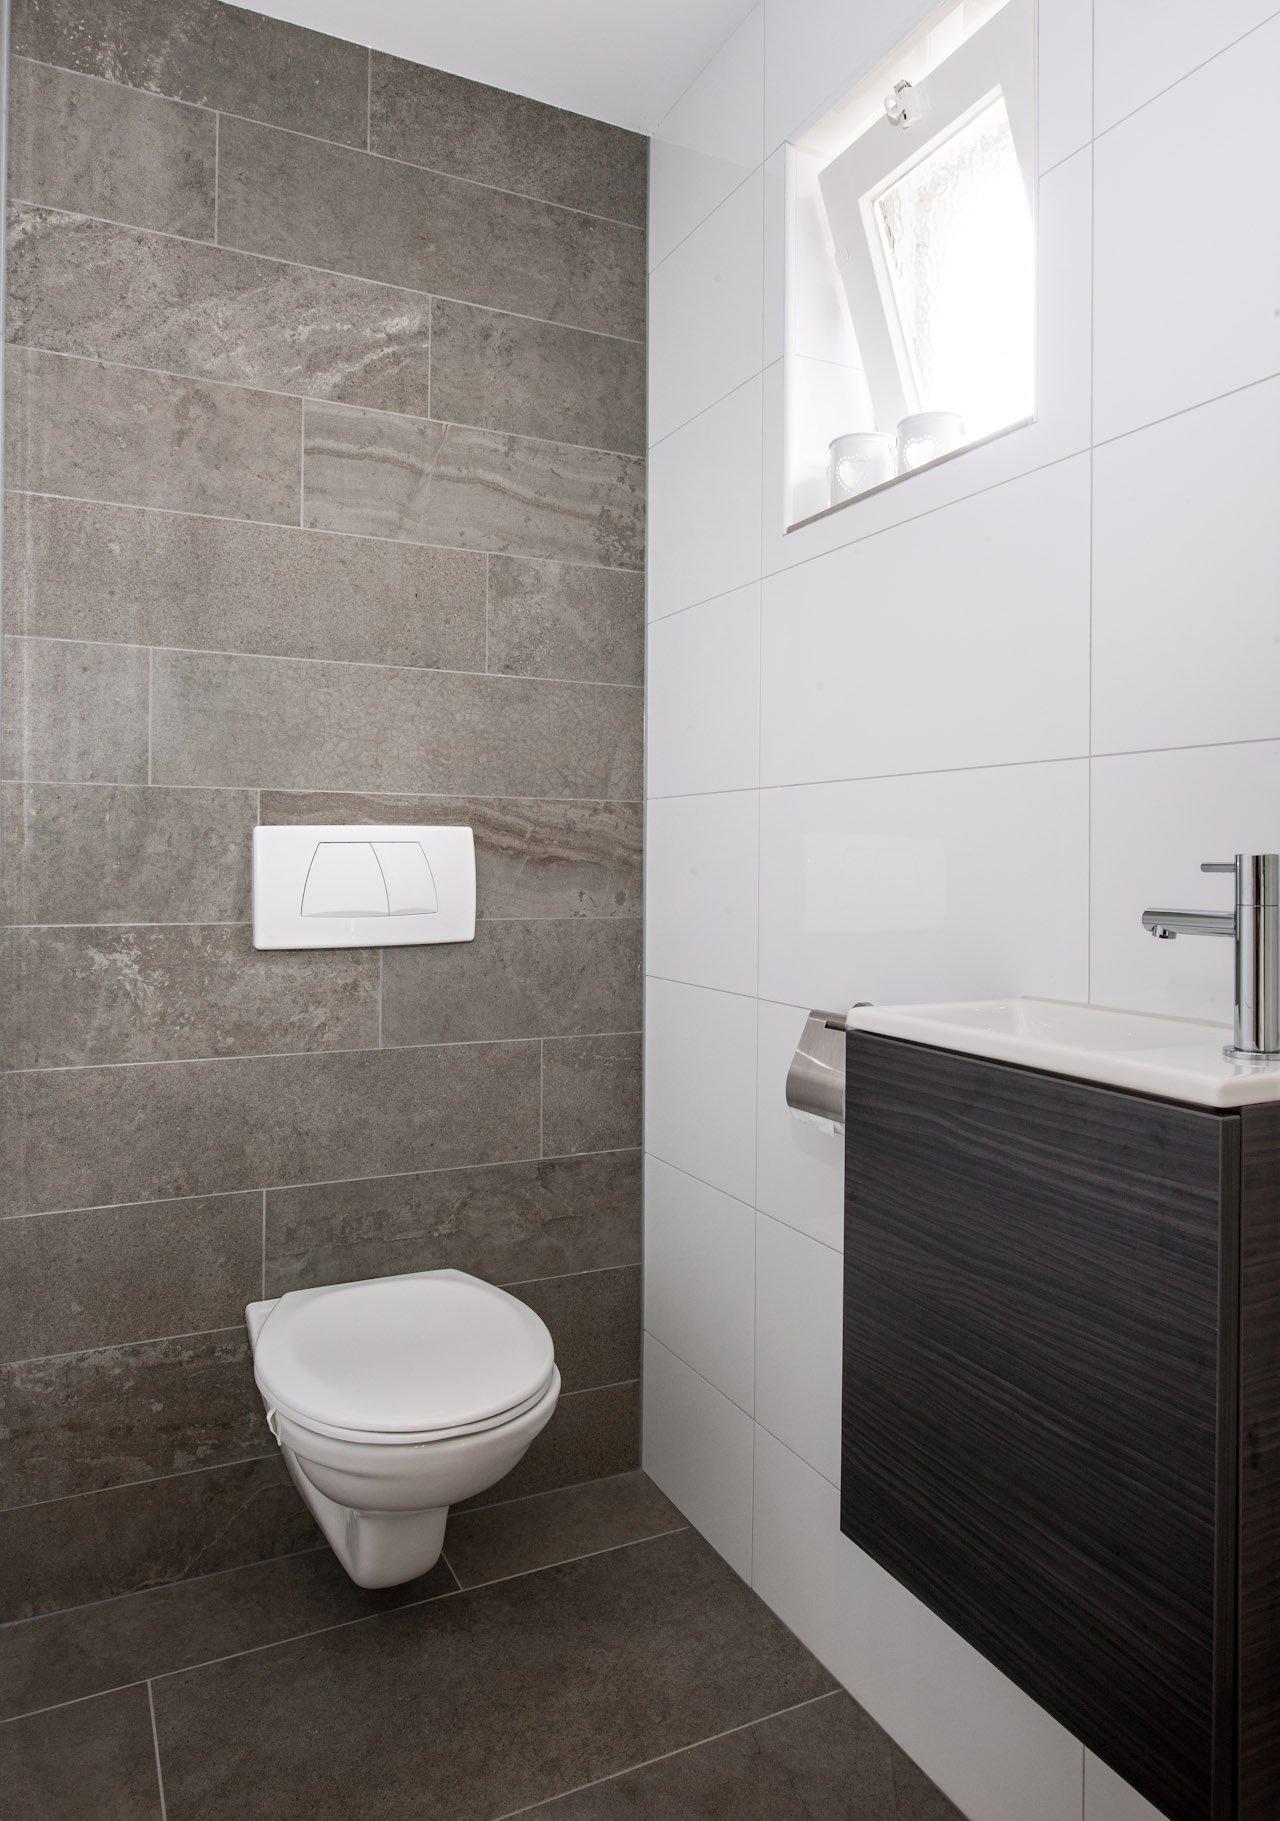 Beroemd wc tegels antraciet gc37 belbin info for Wandtegels badkamer